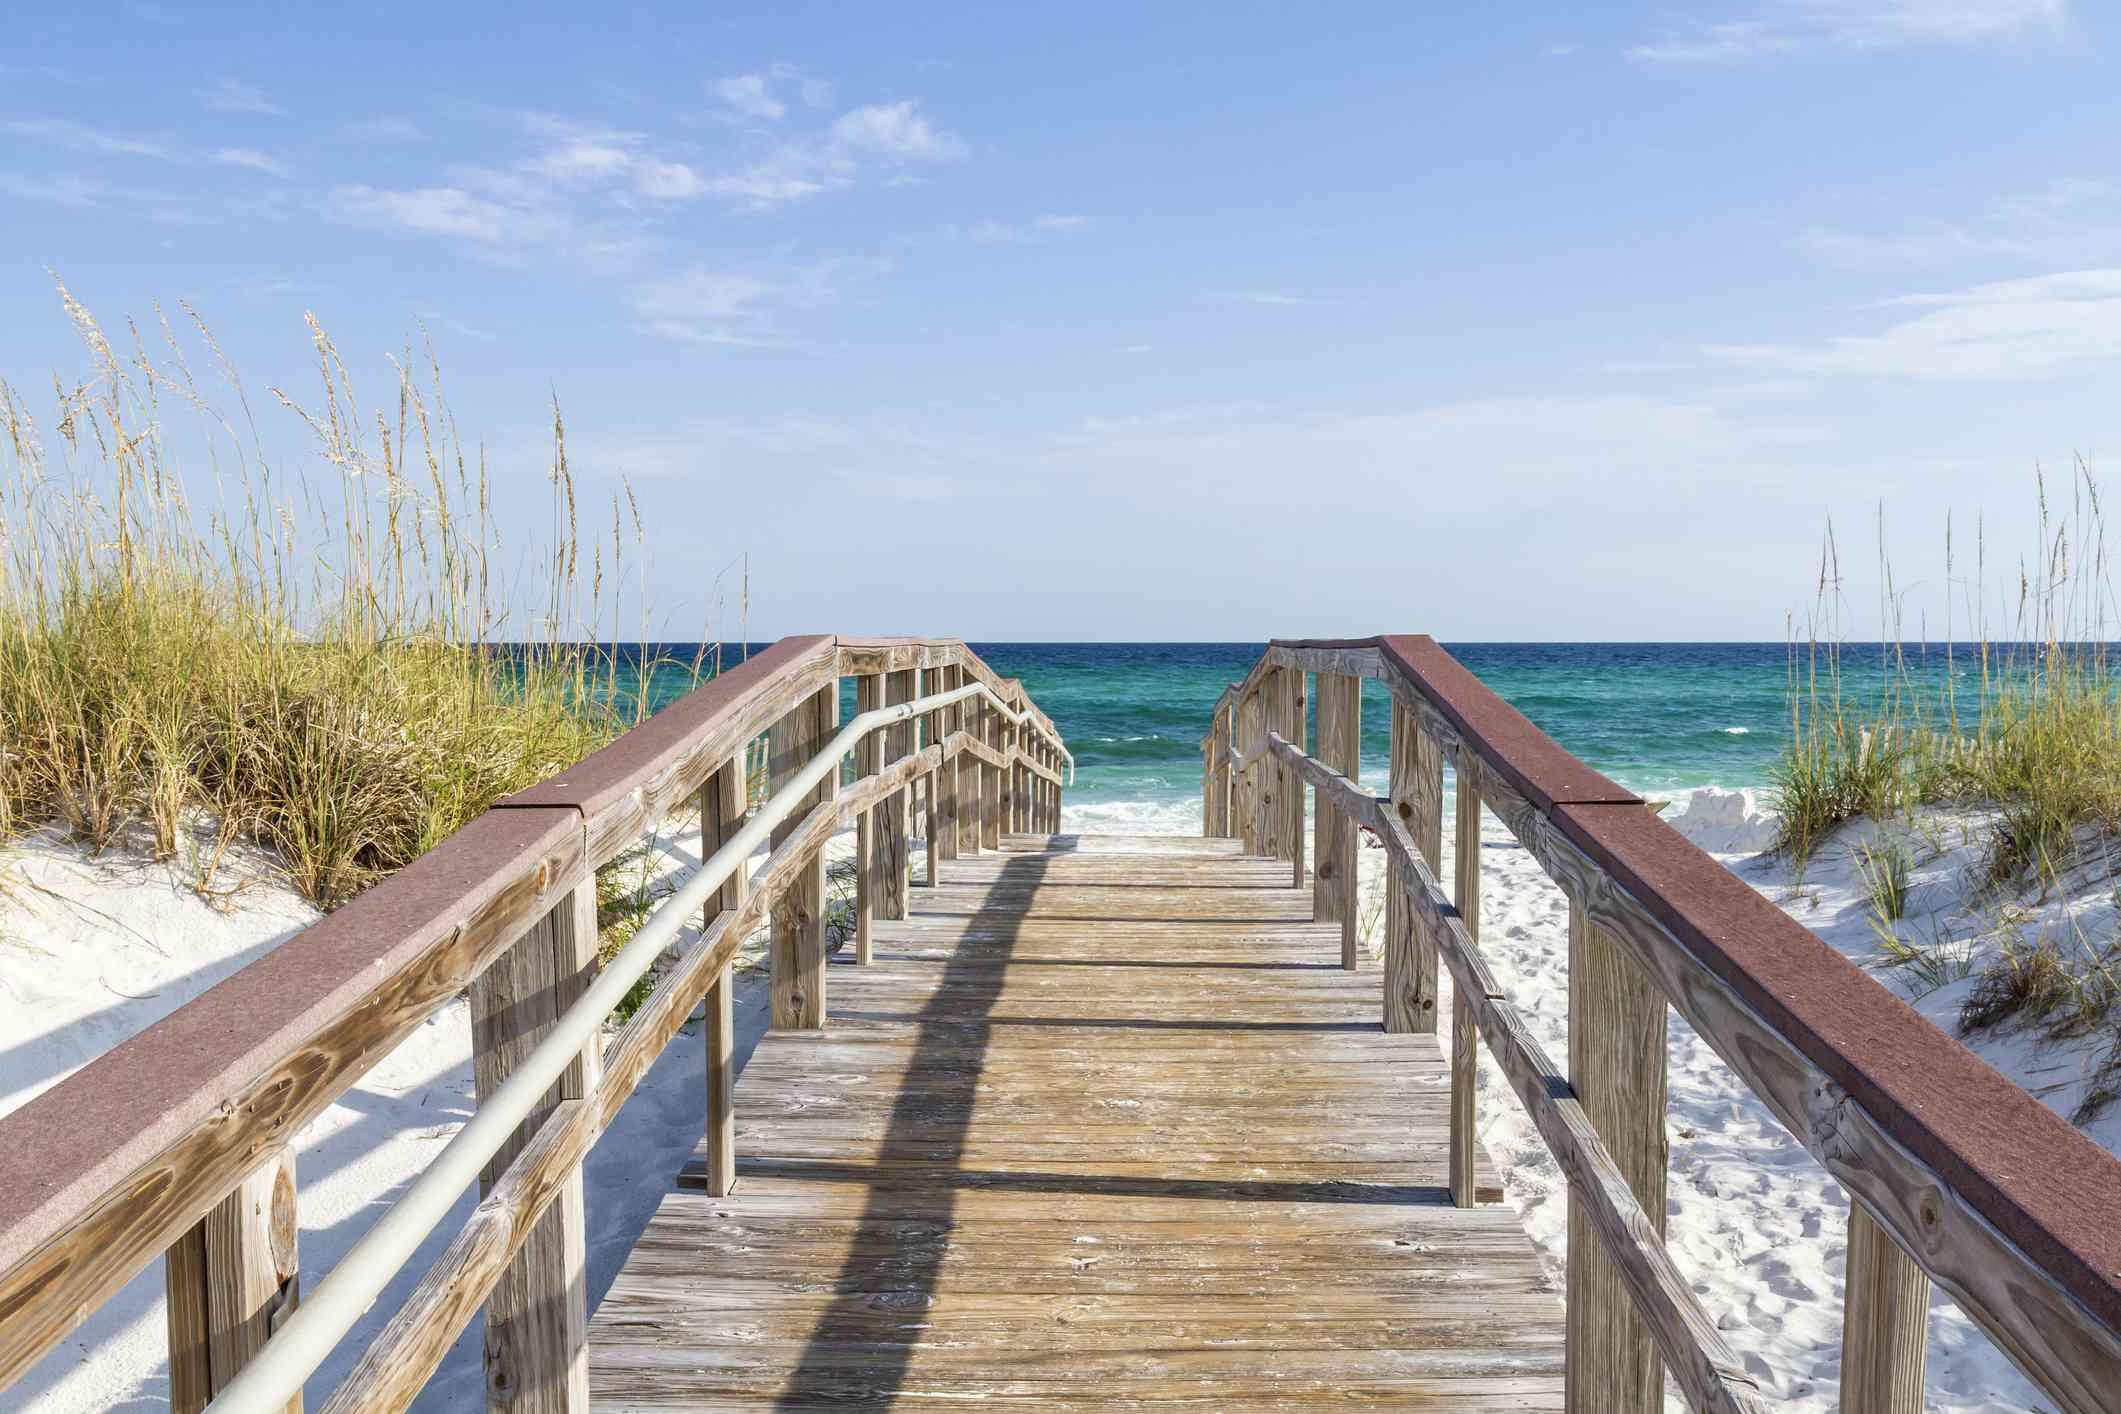 Boardwalk to the Turqouise Gulf, Pensacola Beach, FL